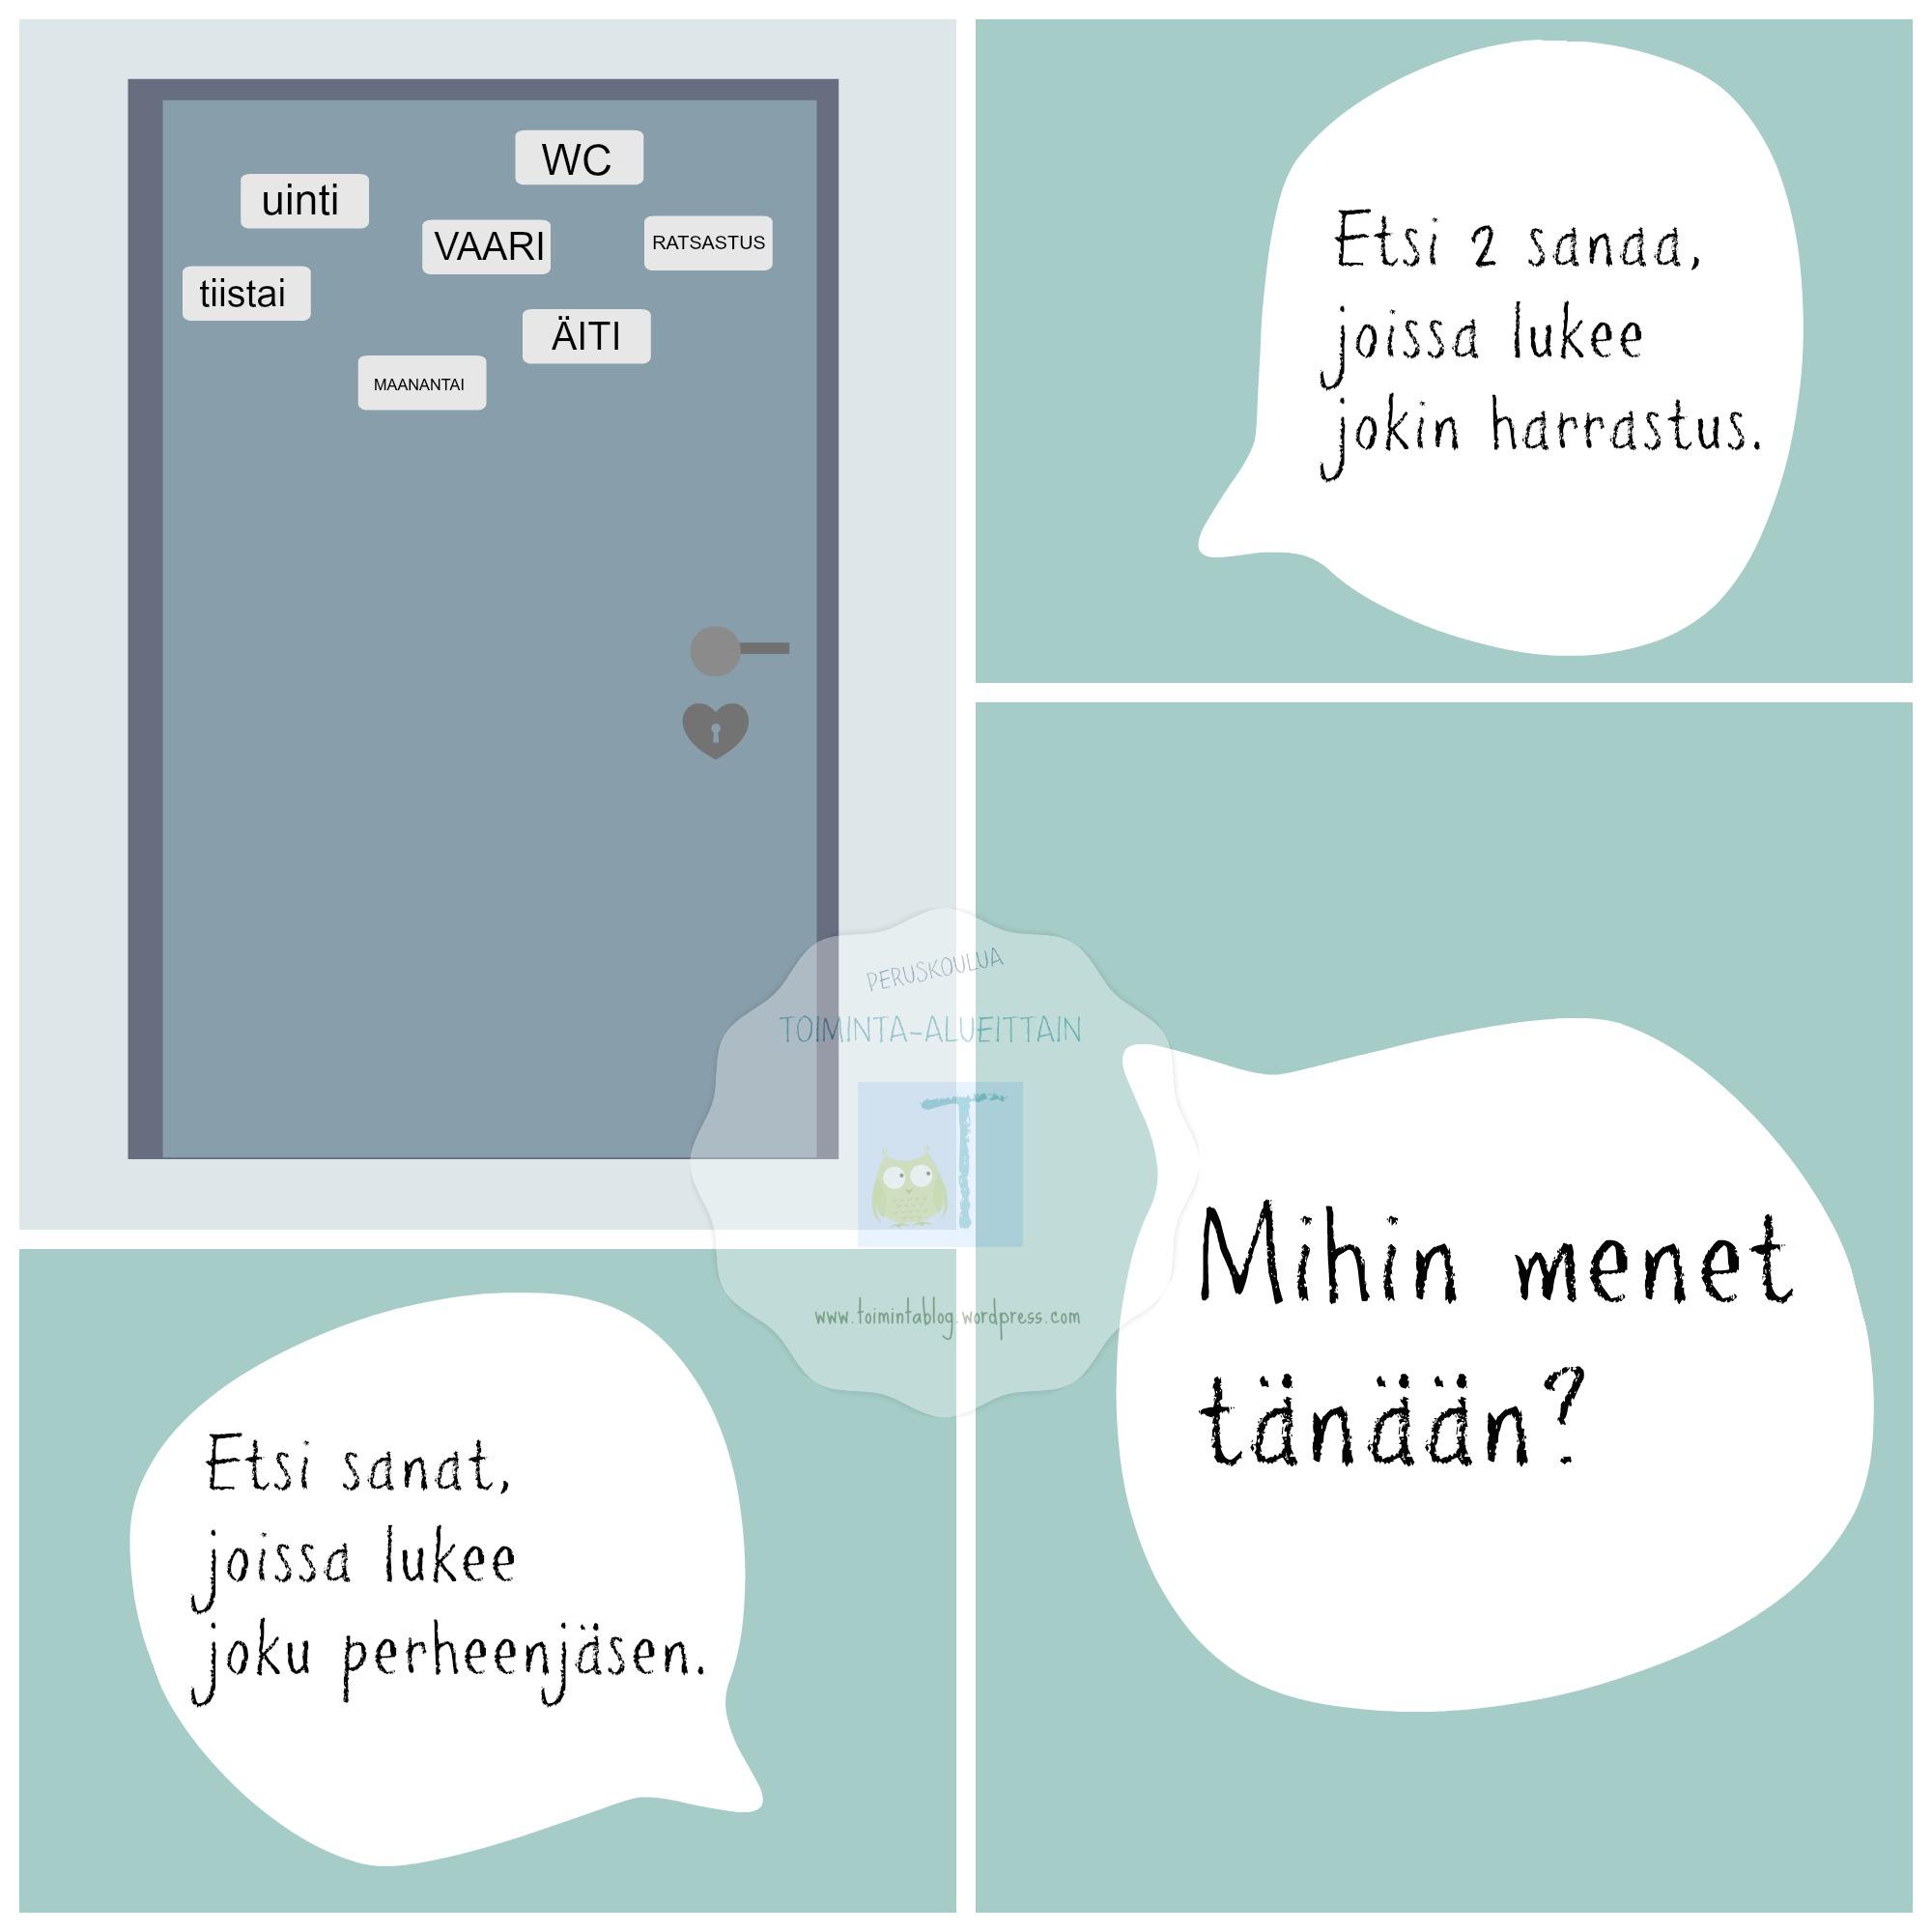 ovi sanat